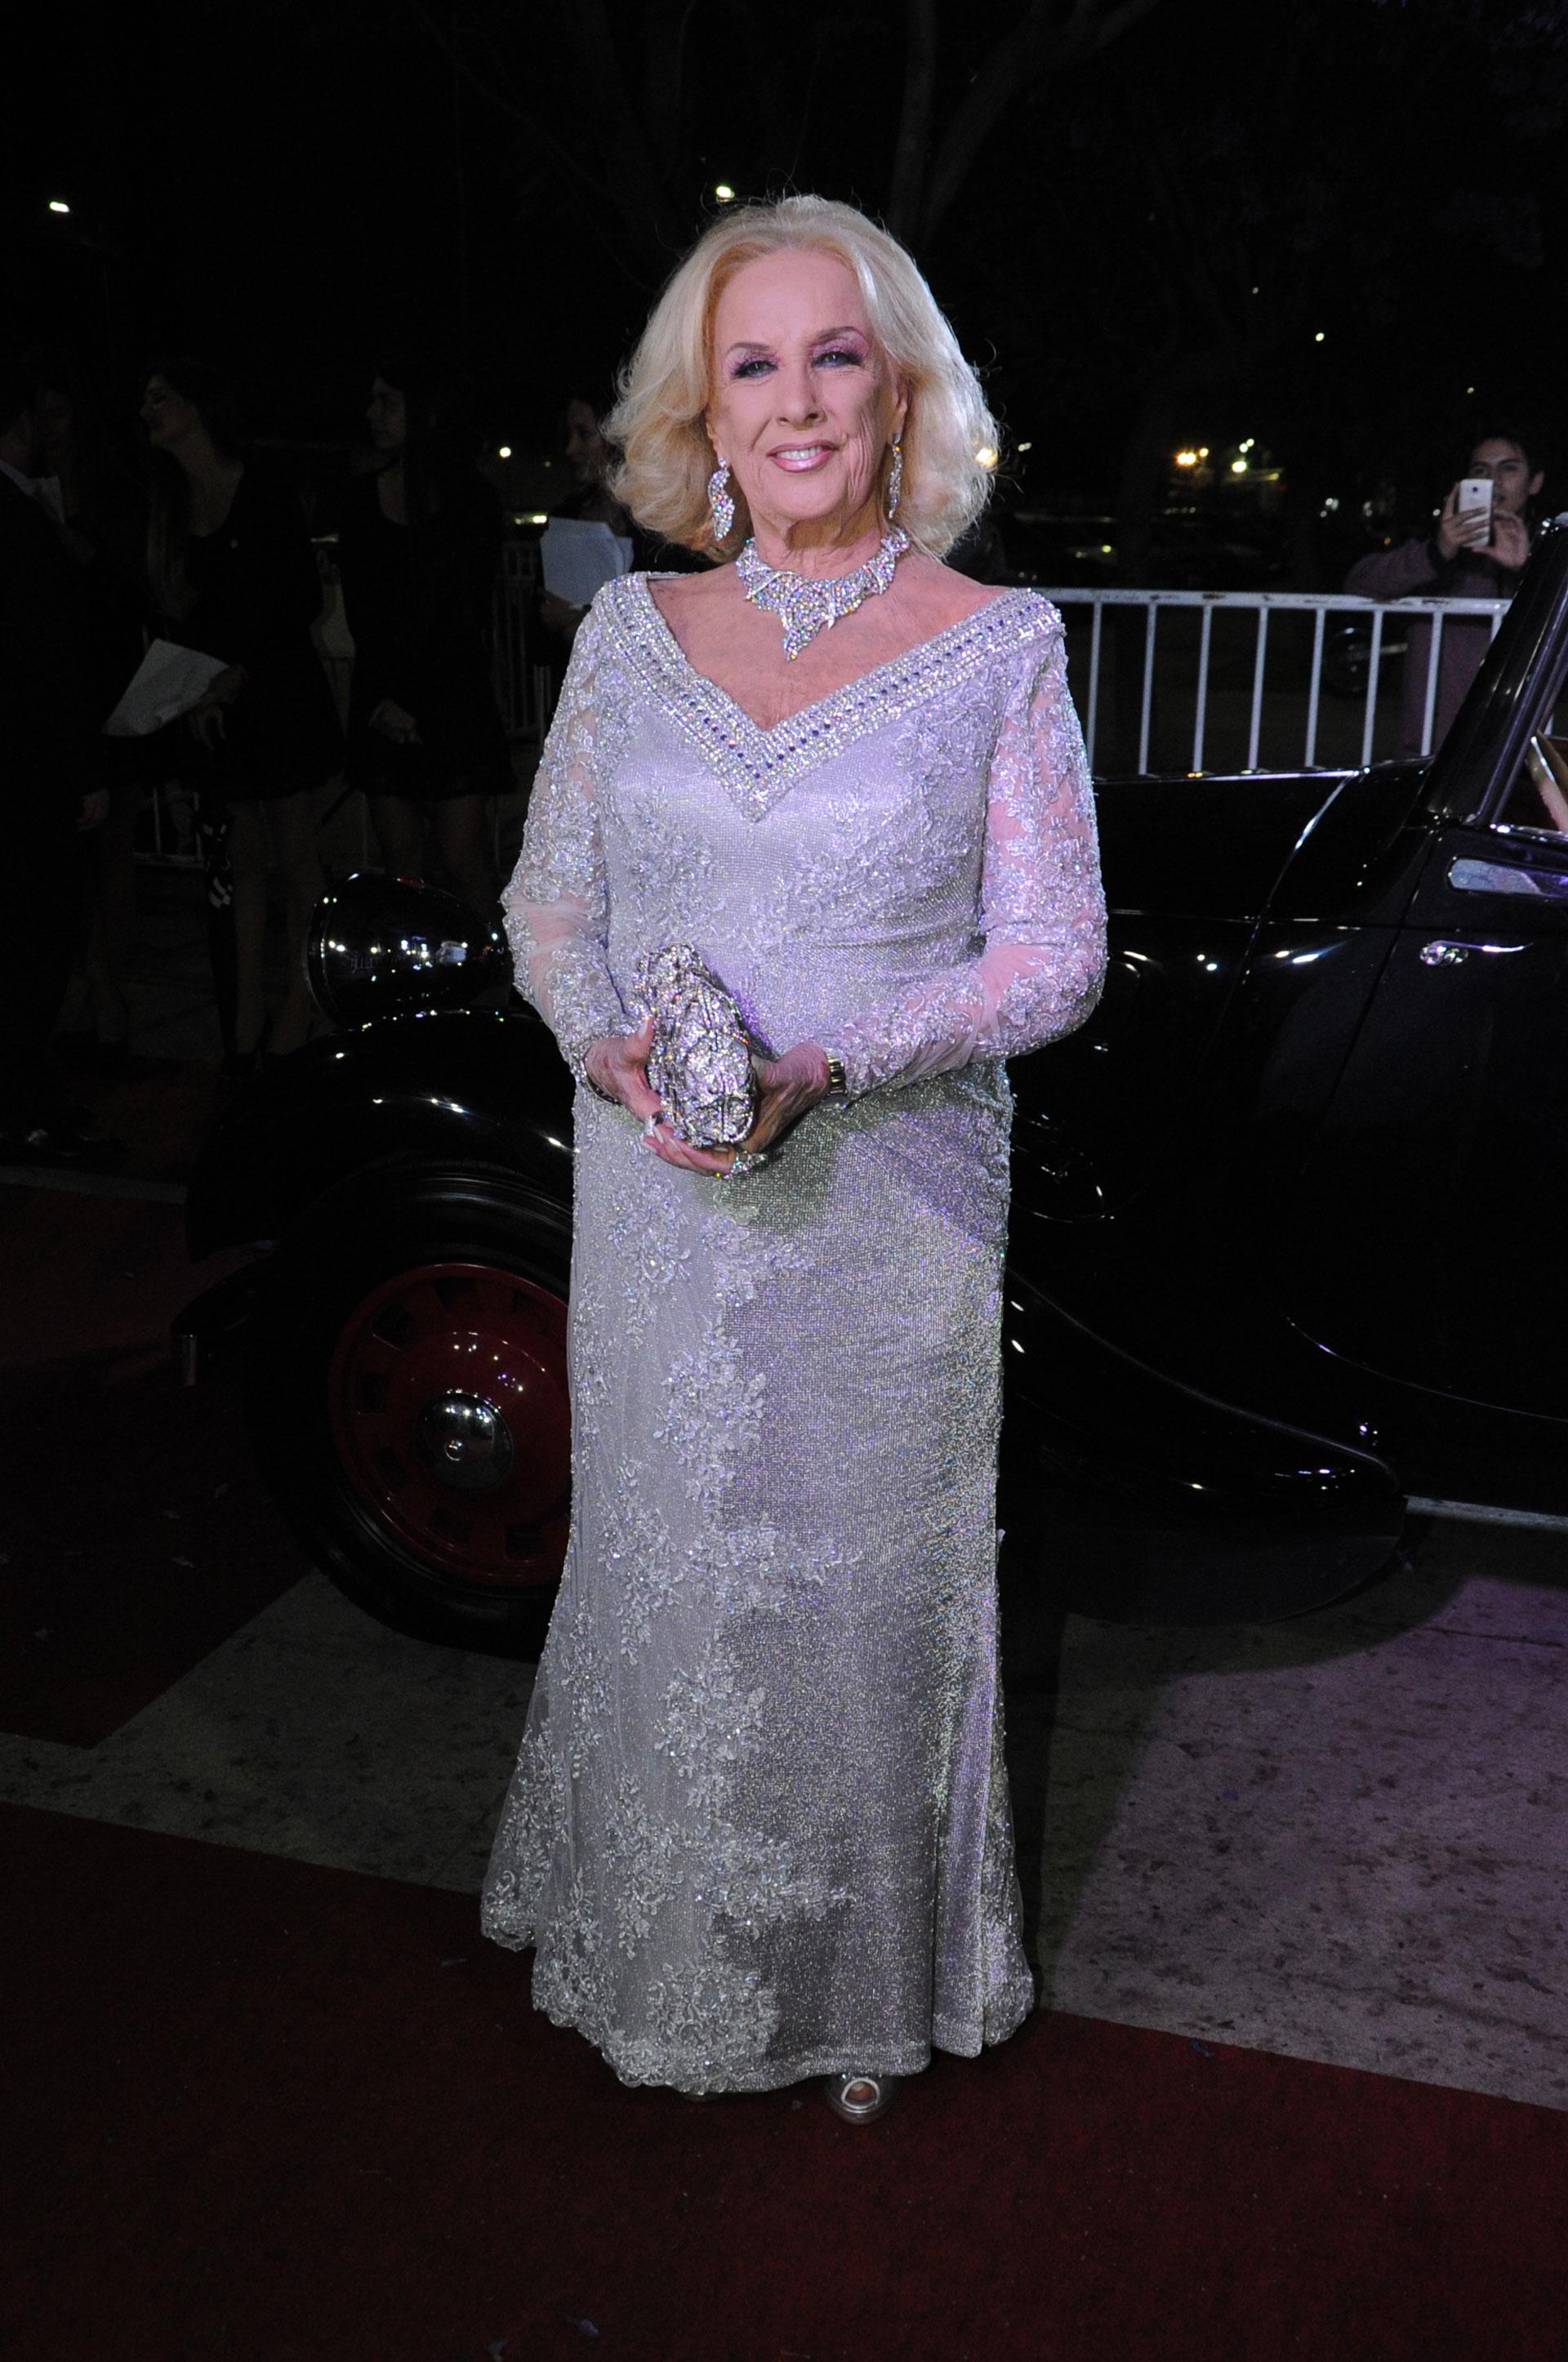 Con un elegante vestido plateado, Mirtha Legrand asistió a la celebración de la revista Caras. Con Susana Giménez fueron homenajeadas por sus trayectorias (Verónica Guerman / Teleshow)